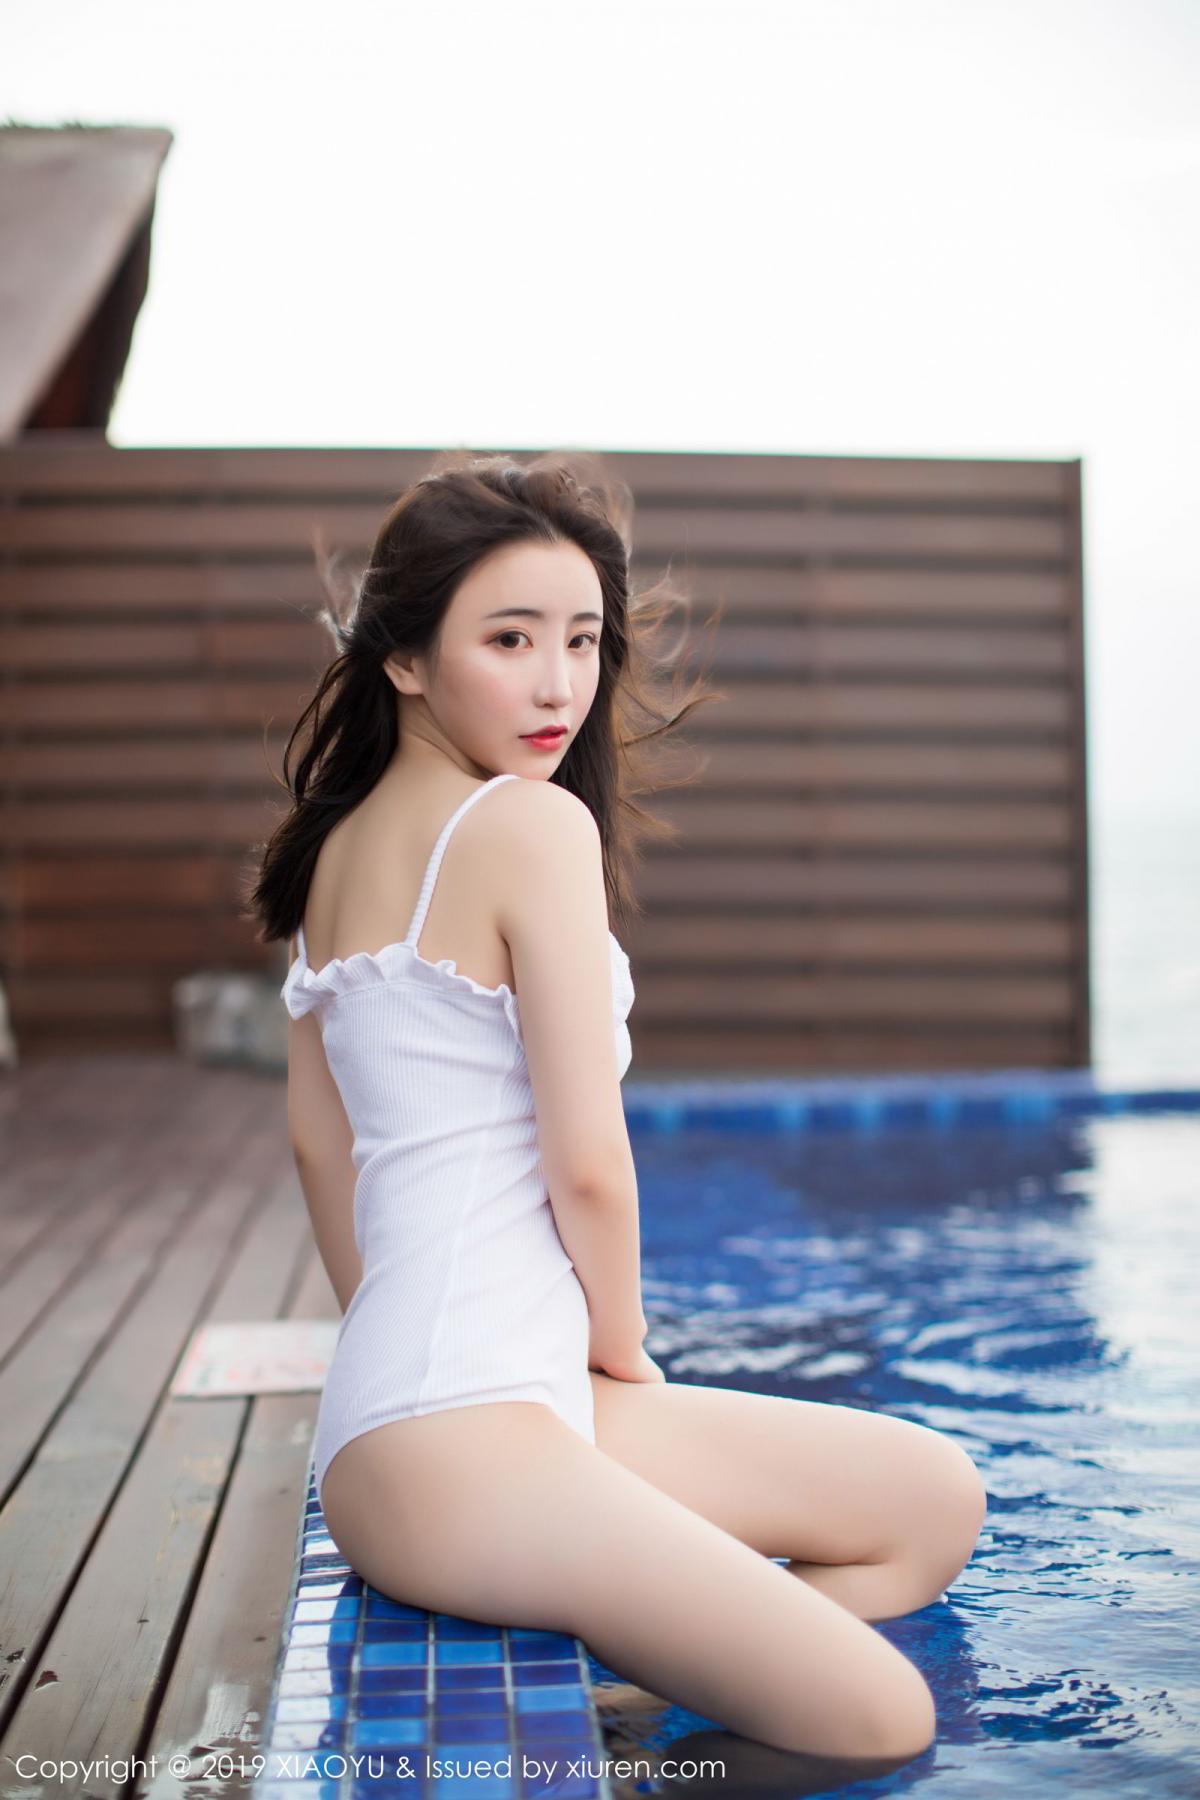 [XiaoYu] Vol.071 Xie Zhi Xin 19P, Bikini, XiaoYu, Xie Zhi Xin